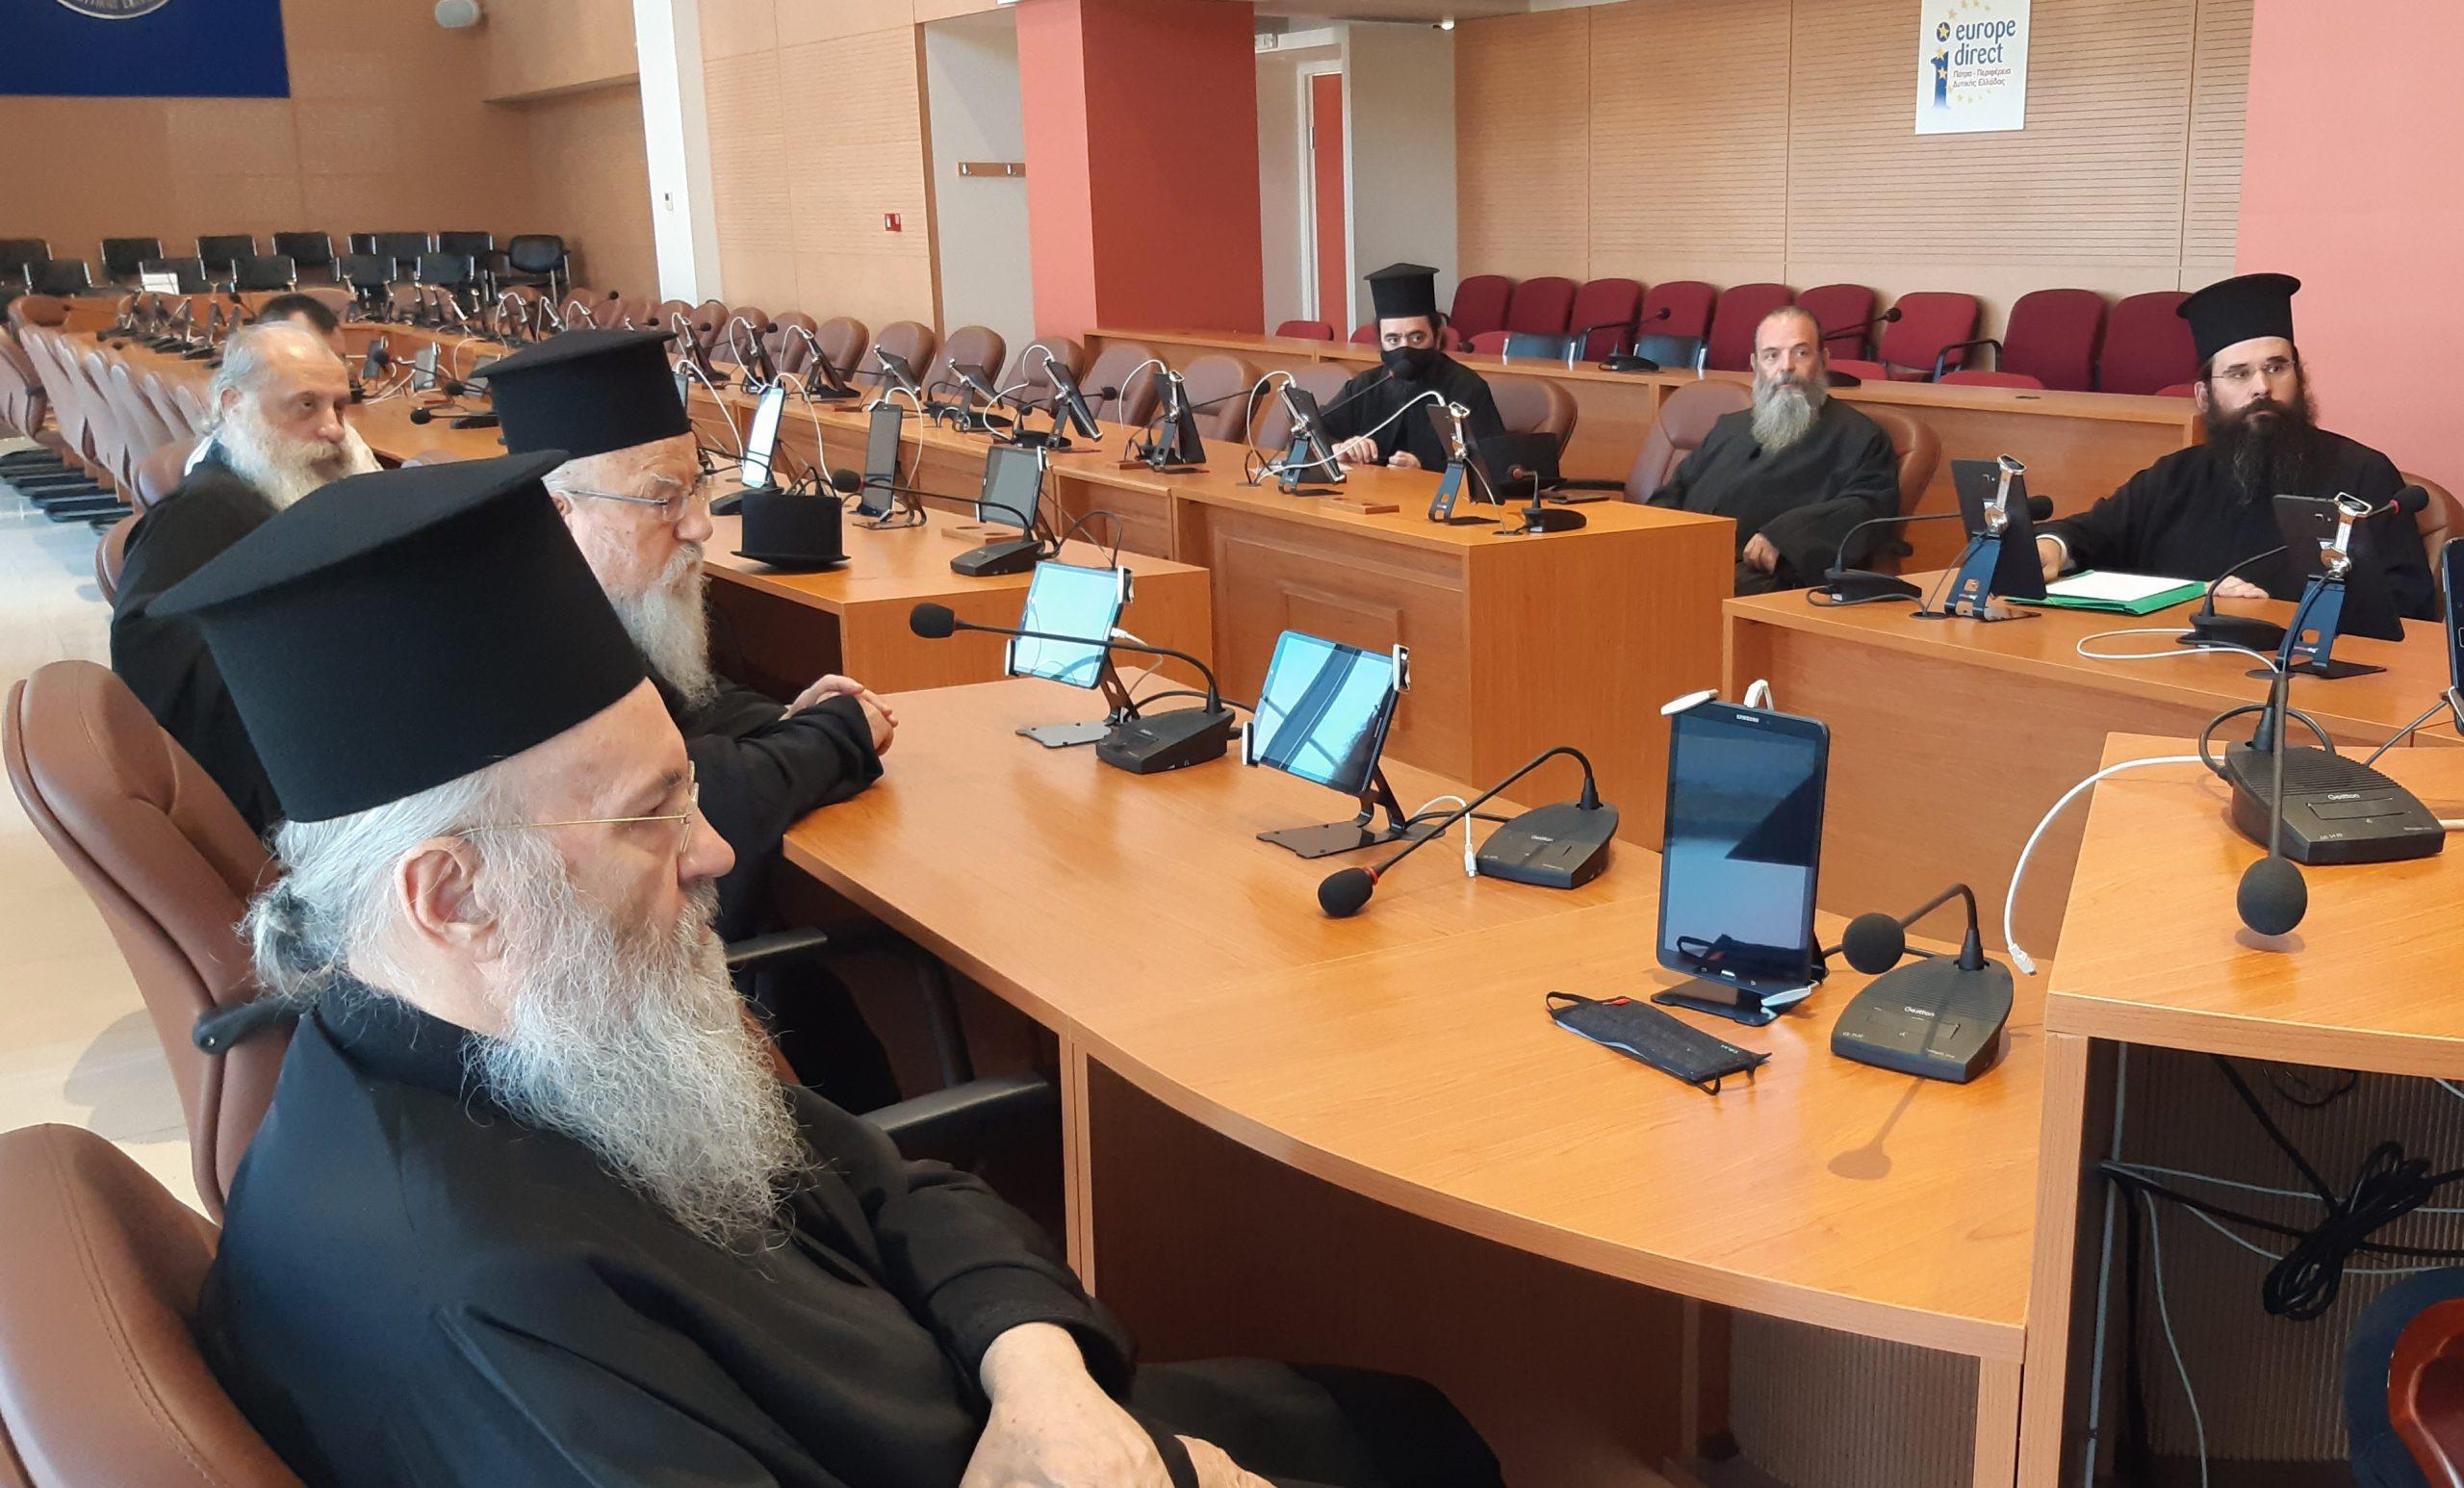 ΠΔΕ: Σταθερή συνεργασία με τις Μητροπόλεις εγκαινιάζει η Περιφέρεια Δυτικής Ελλάδας για την προστασία και ανάδειξη των εκκλησιαστικών μνημείων